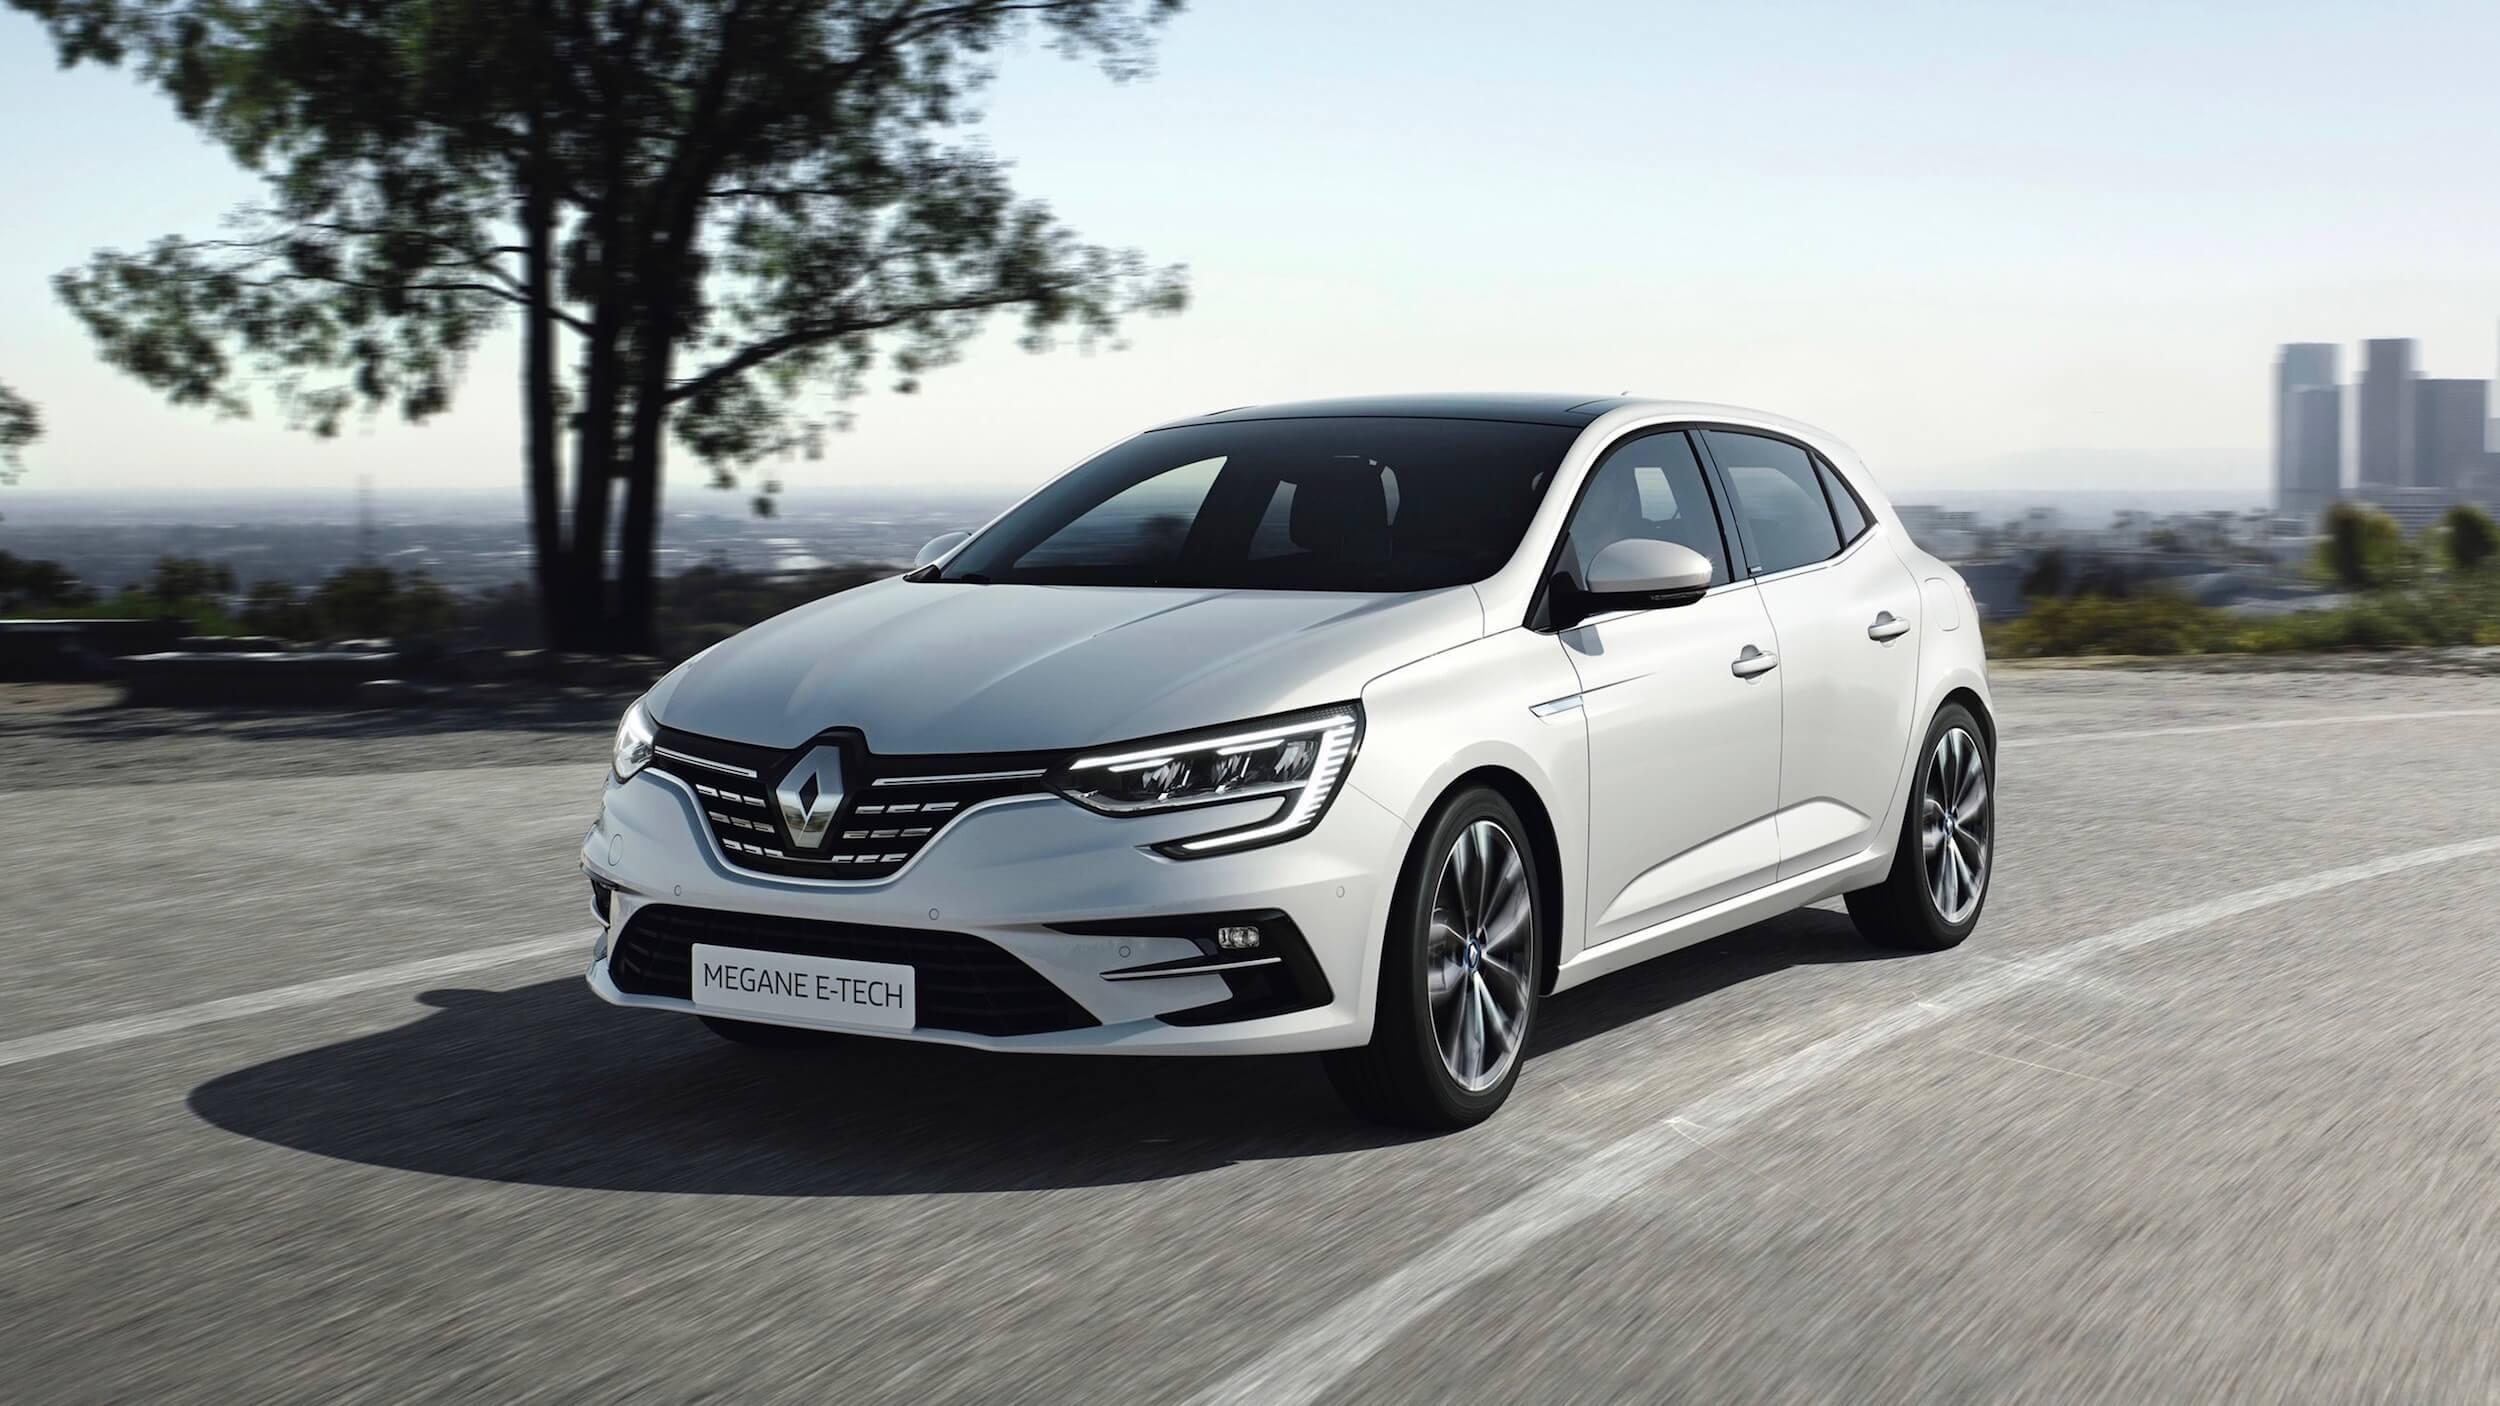 Renault Megane PHEV